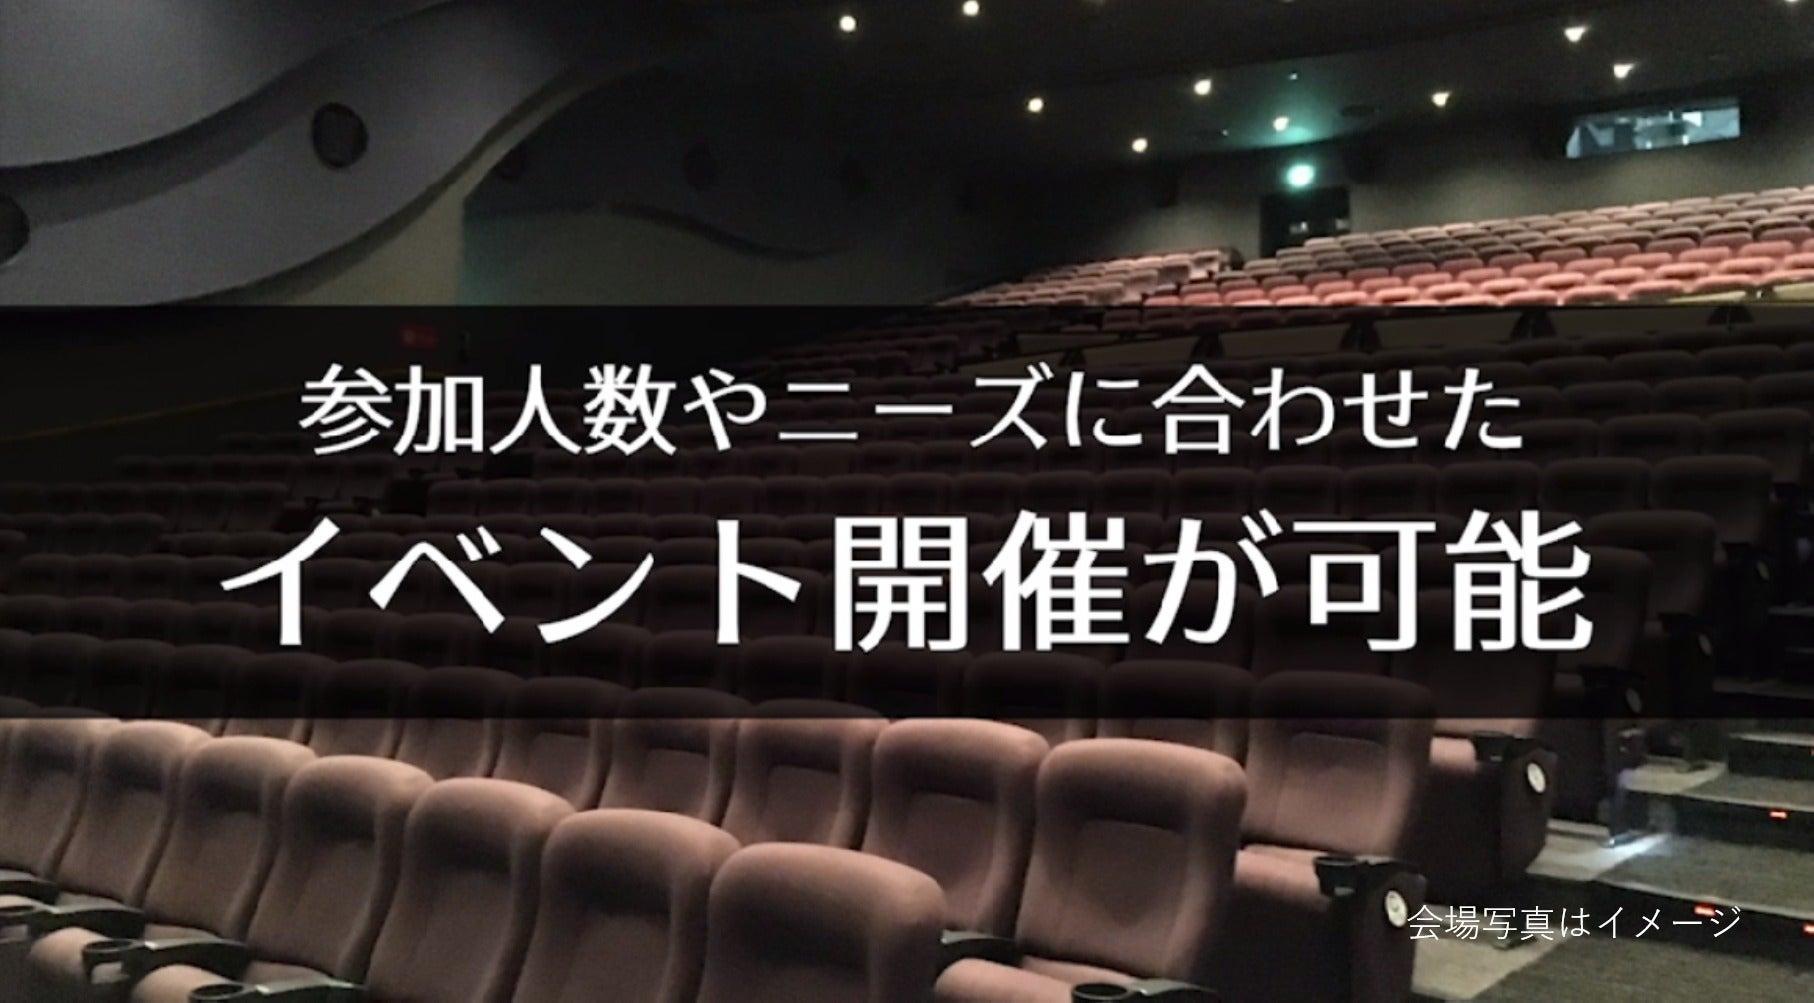 【新潟 219席】映画館で、会社説明会、株主総会、講演会の企画はいかがですか?(ユナイテッド・シネマ新潟) の写真0